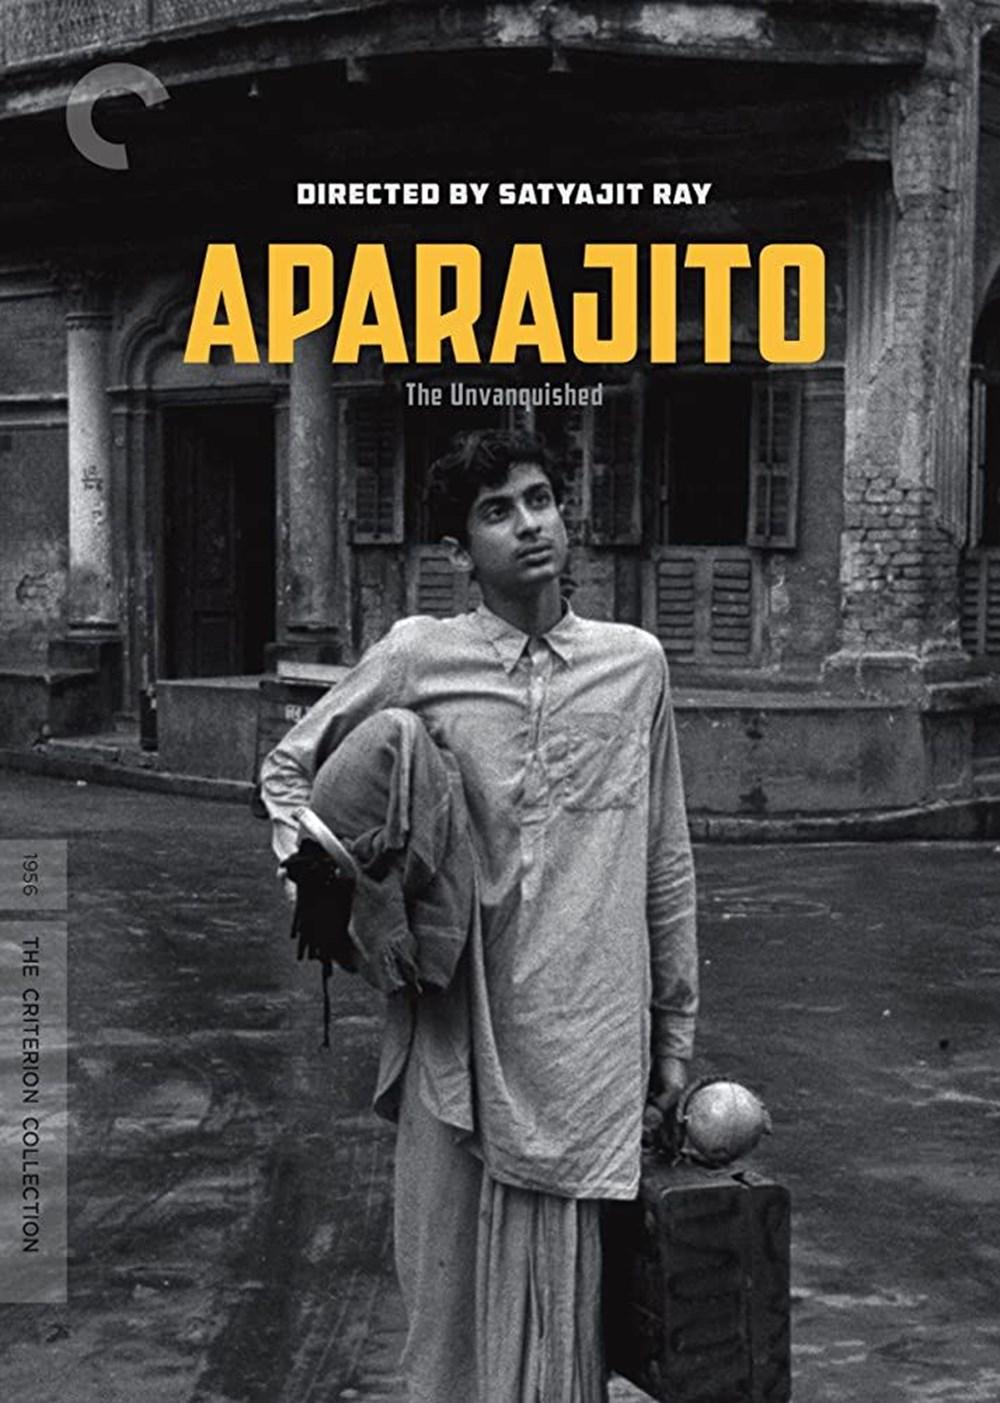 En iyi Hint filmleri - IMDb verileri (Bollywood sineması) - 26